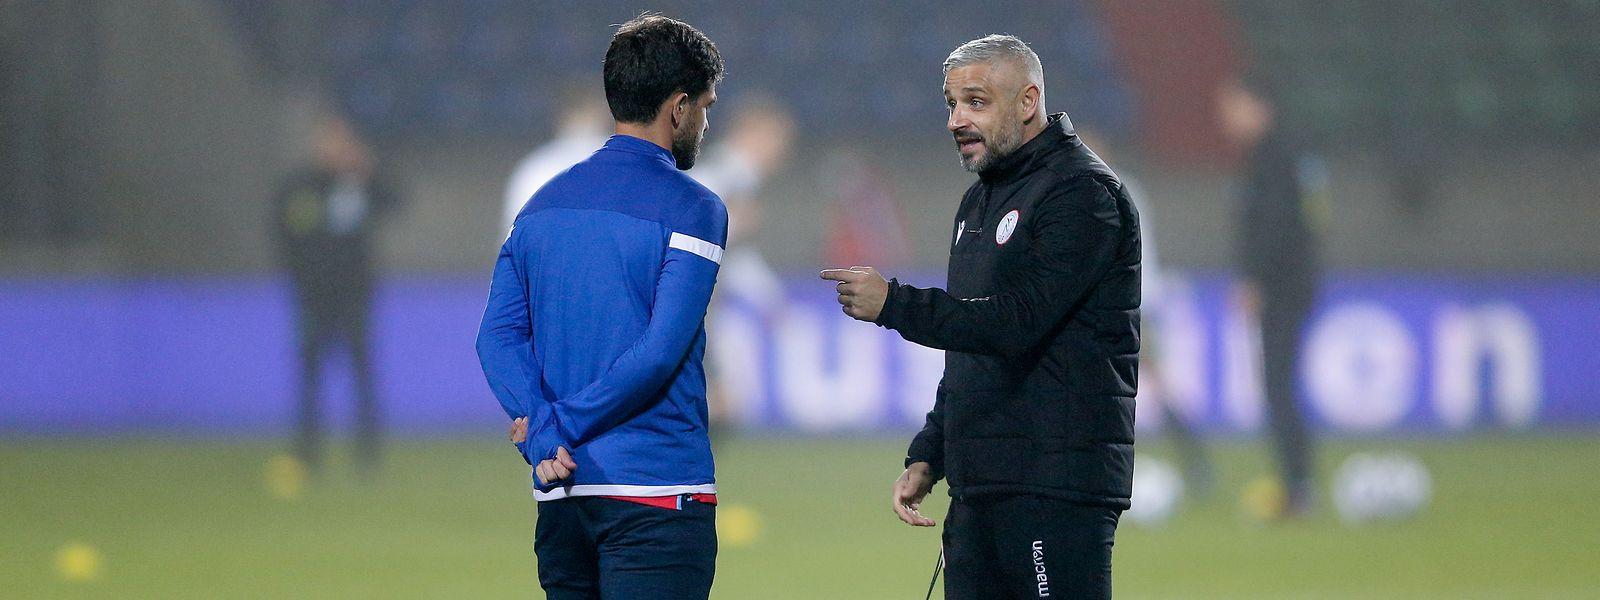 Luxemburgs Co-Trainer Mario Mutsch (r.) im Gespräch mit Mica Pinto.